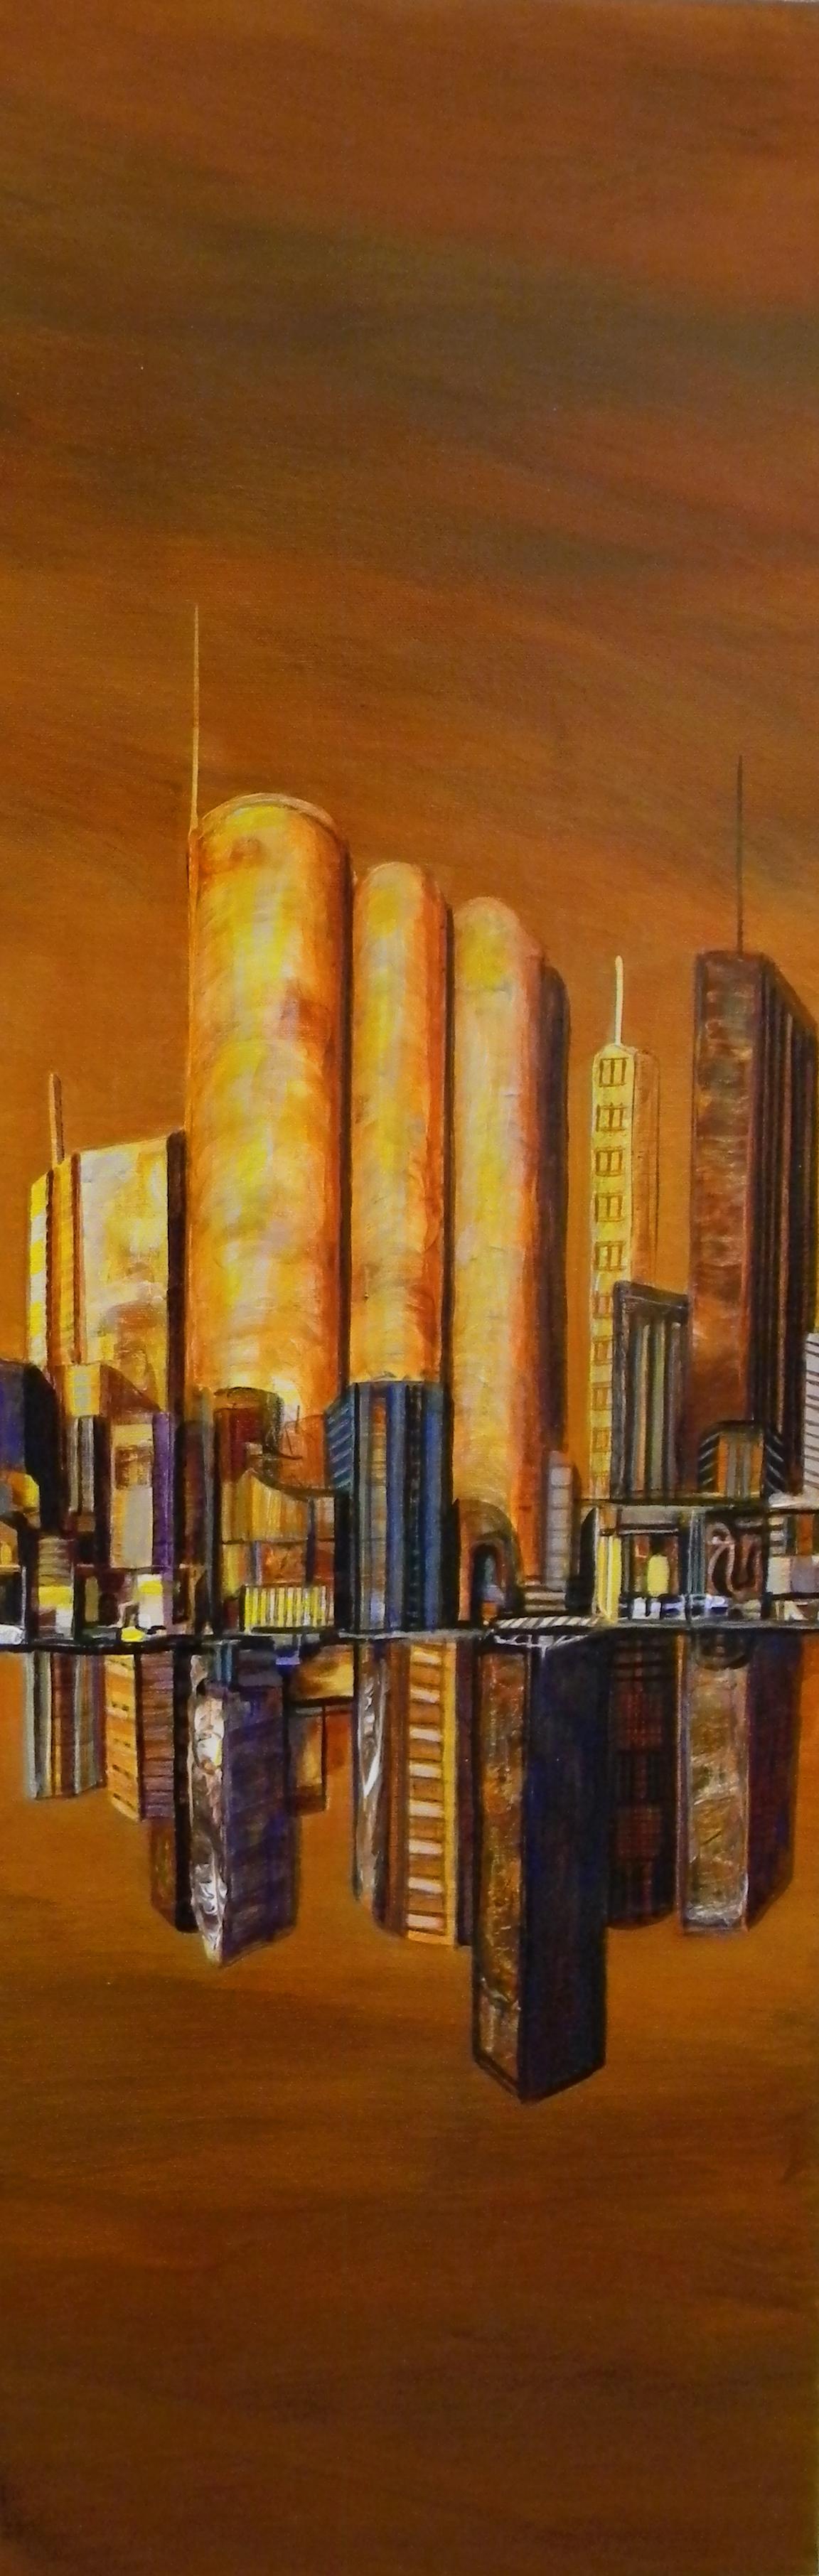 Timeless City #11